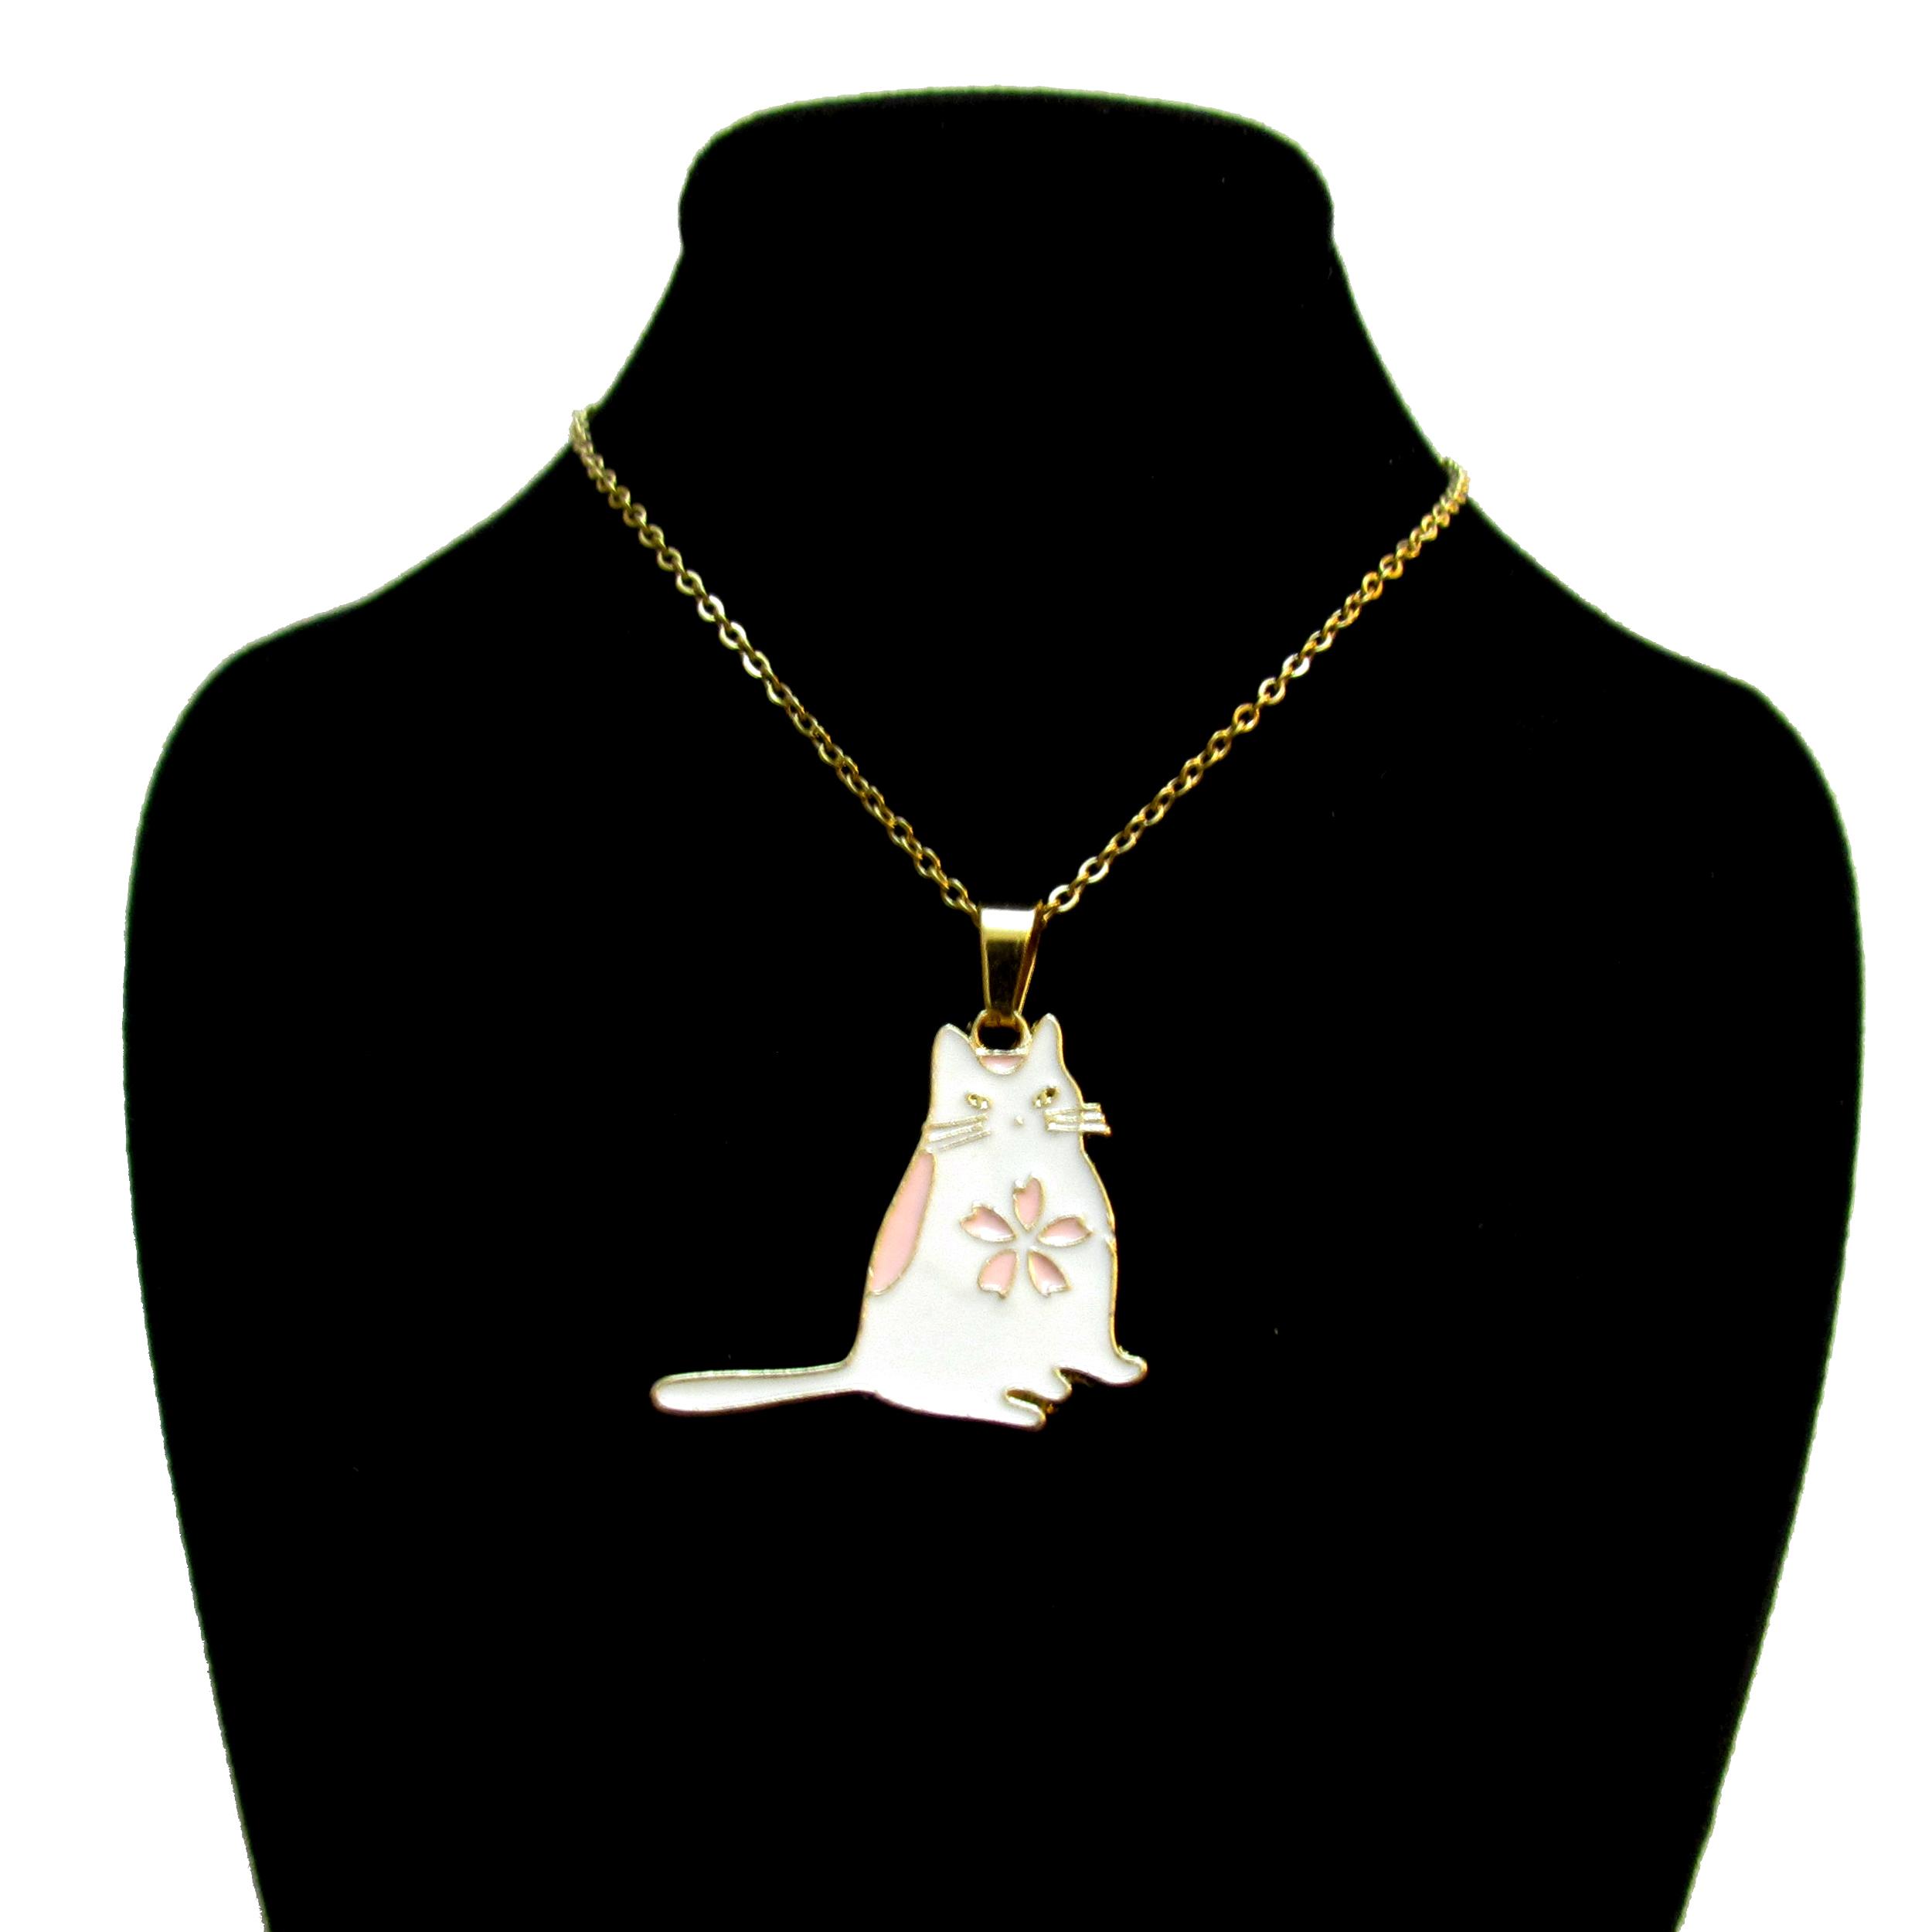 گردنبند دخترانه طرح گربه کد 500